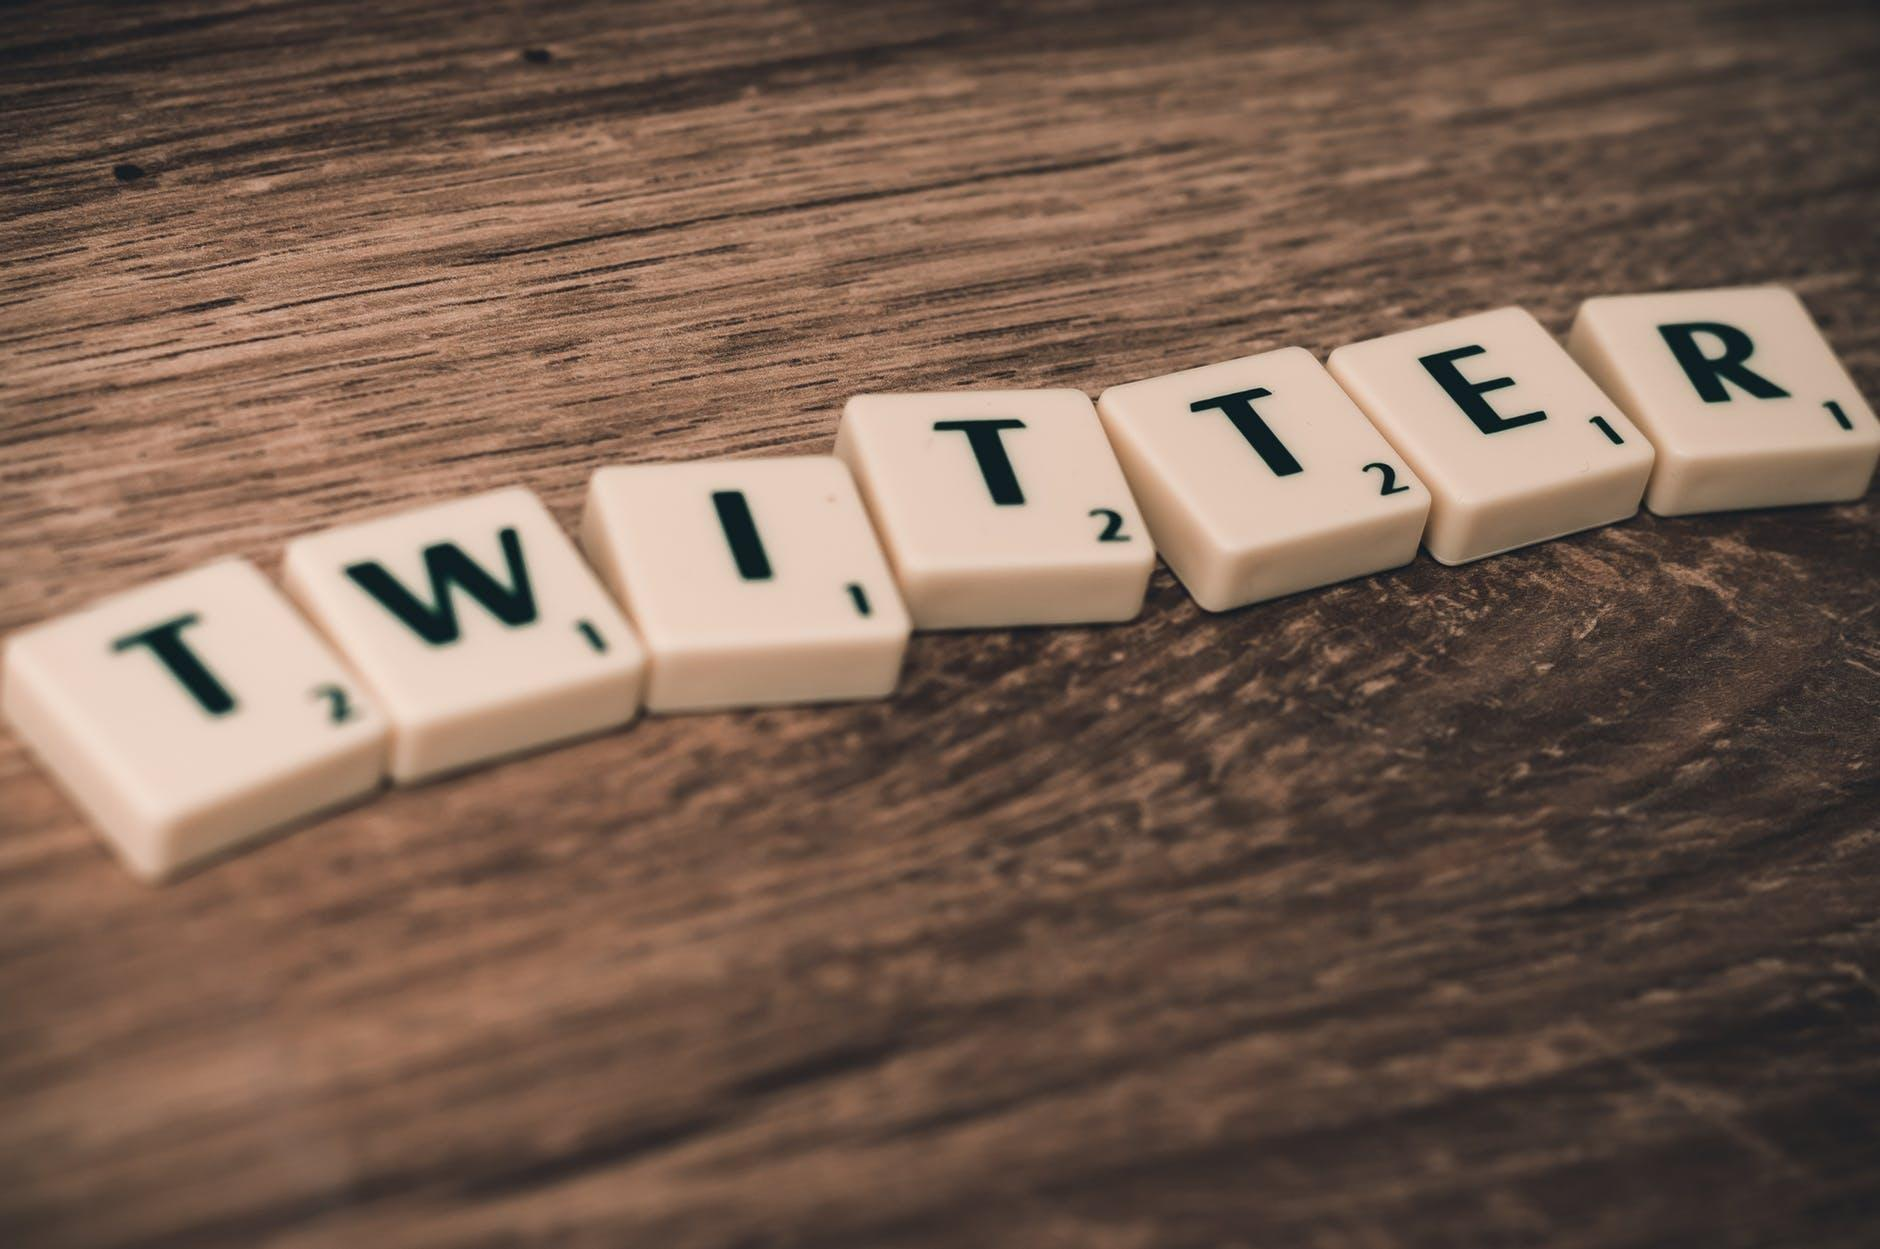 Вкоде Твиттер отыскали функционал для отправки зашифрованных сообщений